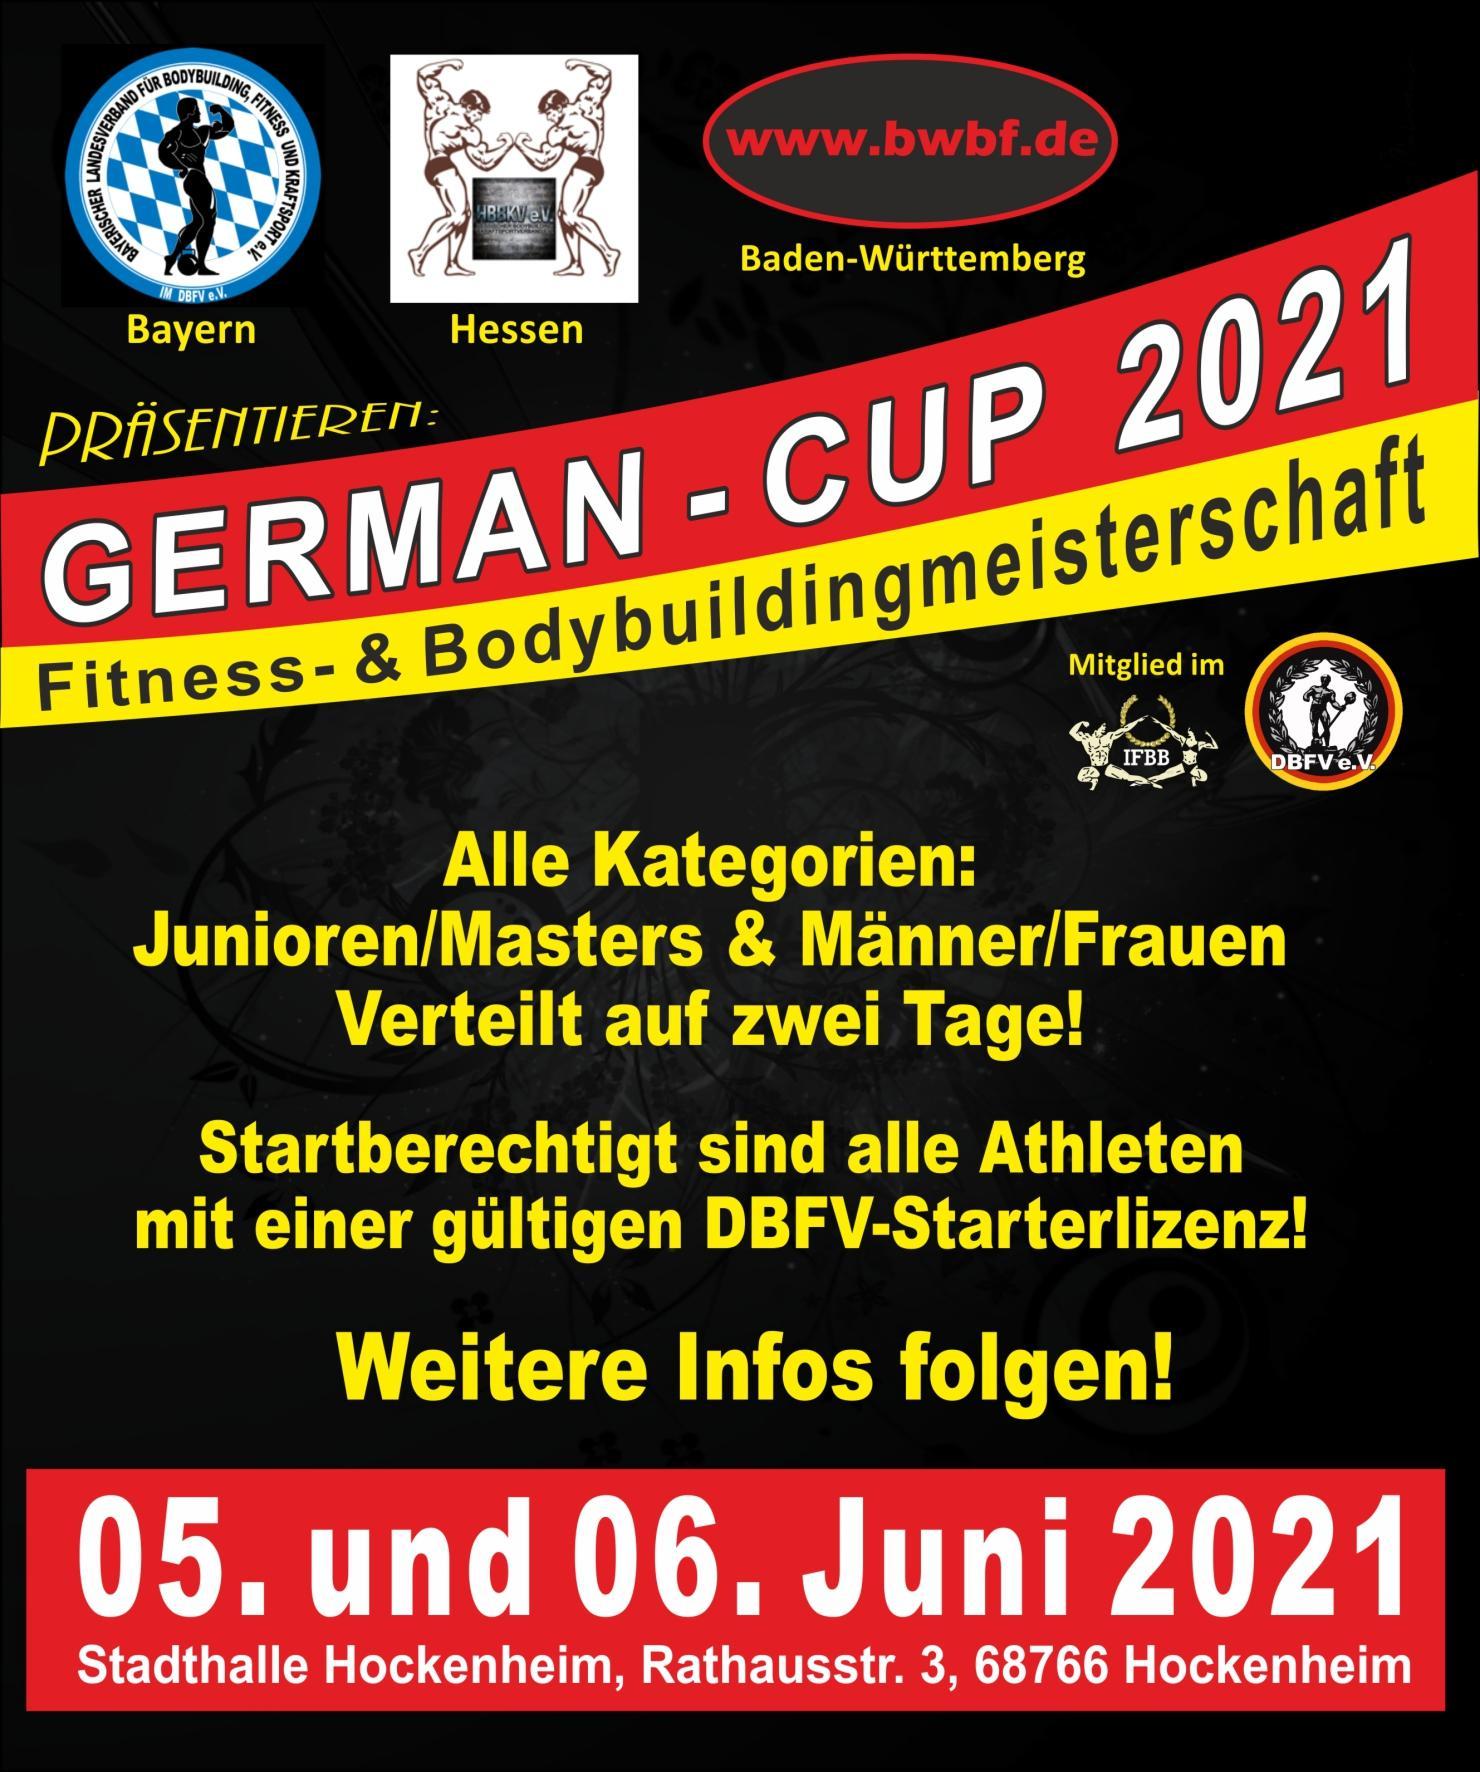 German cup 2021 2